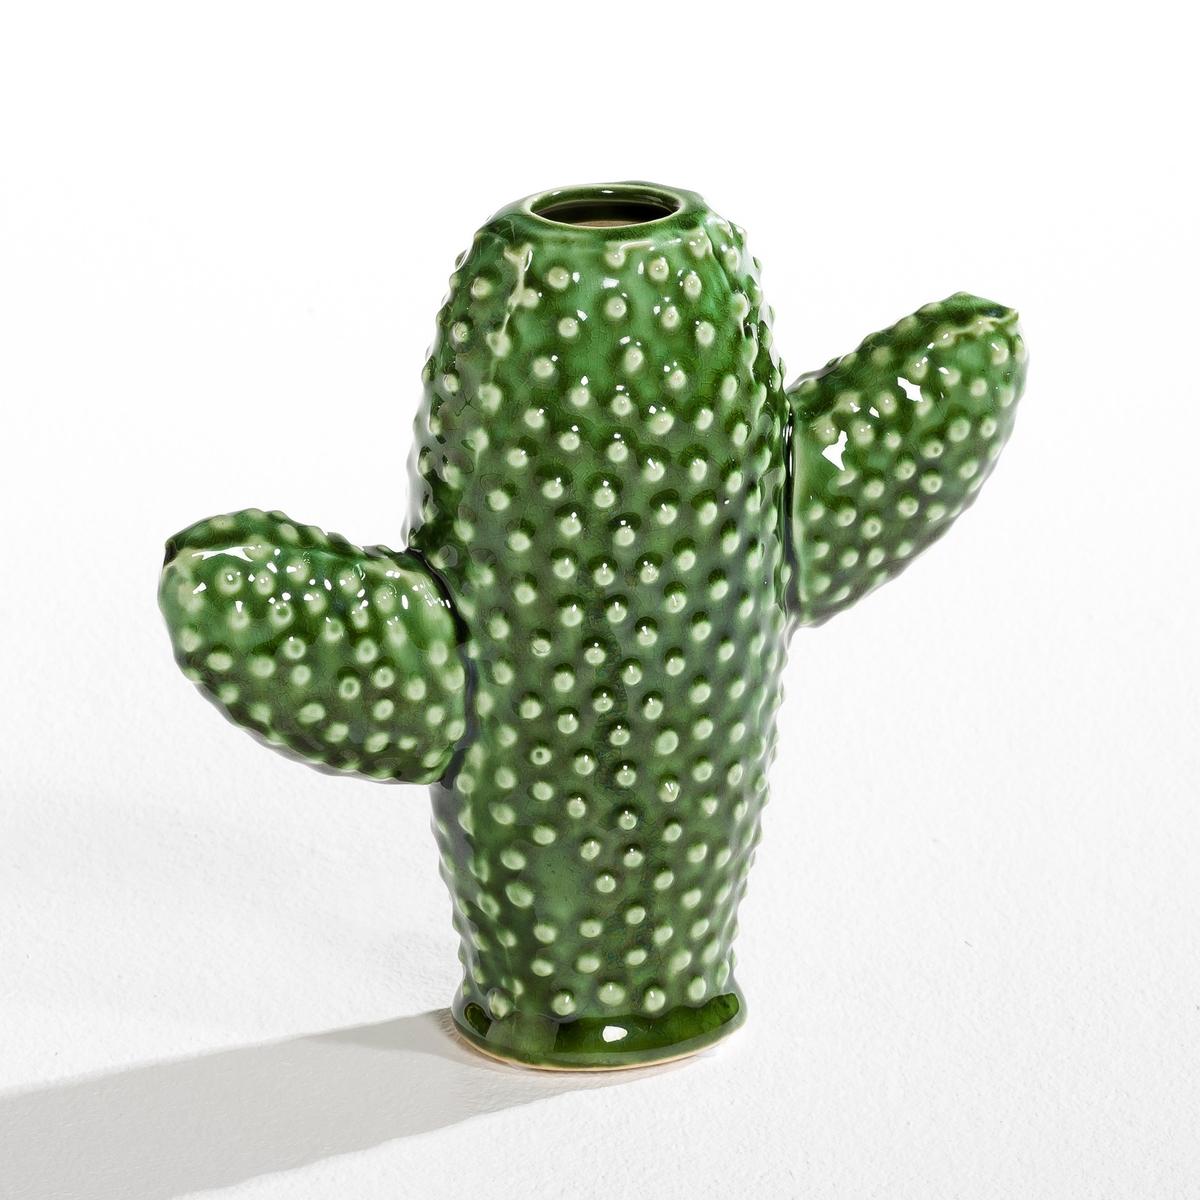 Ваза Cactus, высота 20 см, дизайн М. Михельссен для Serax